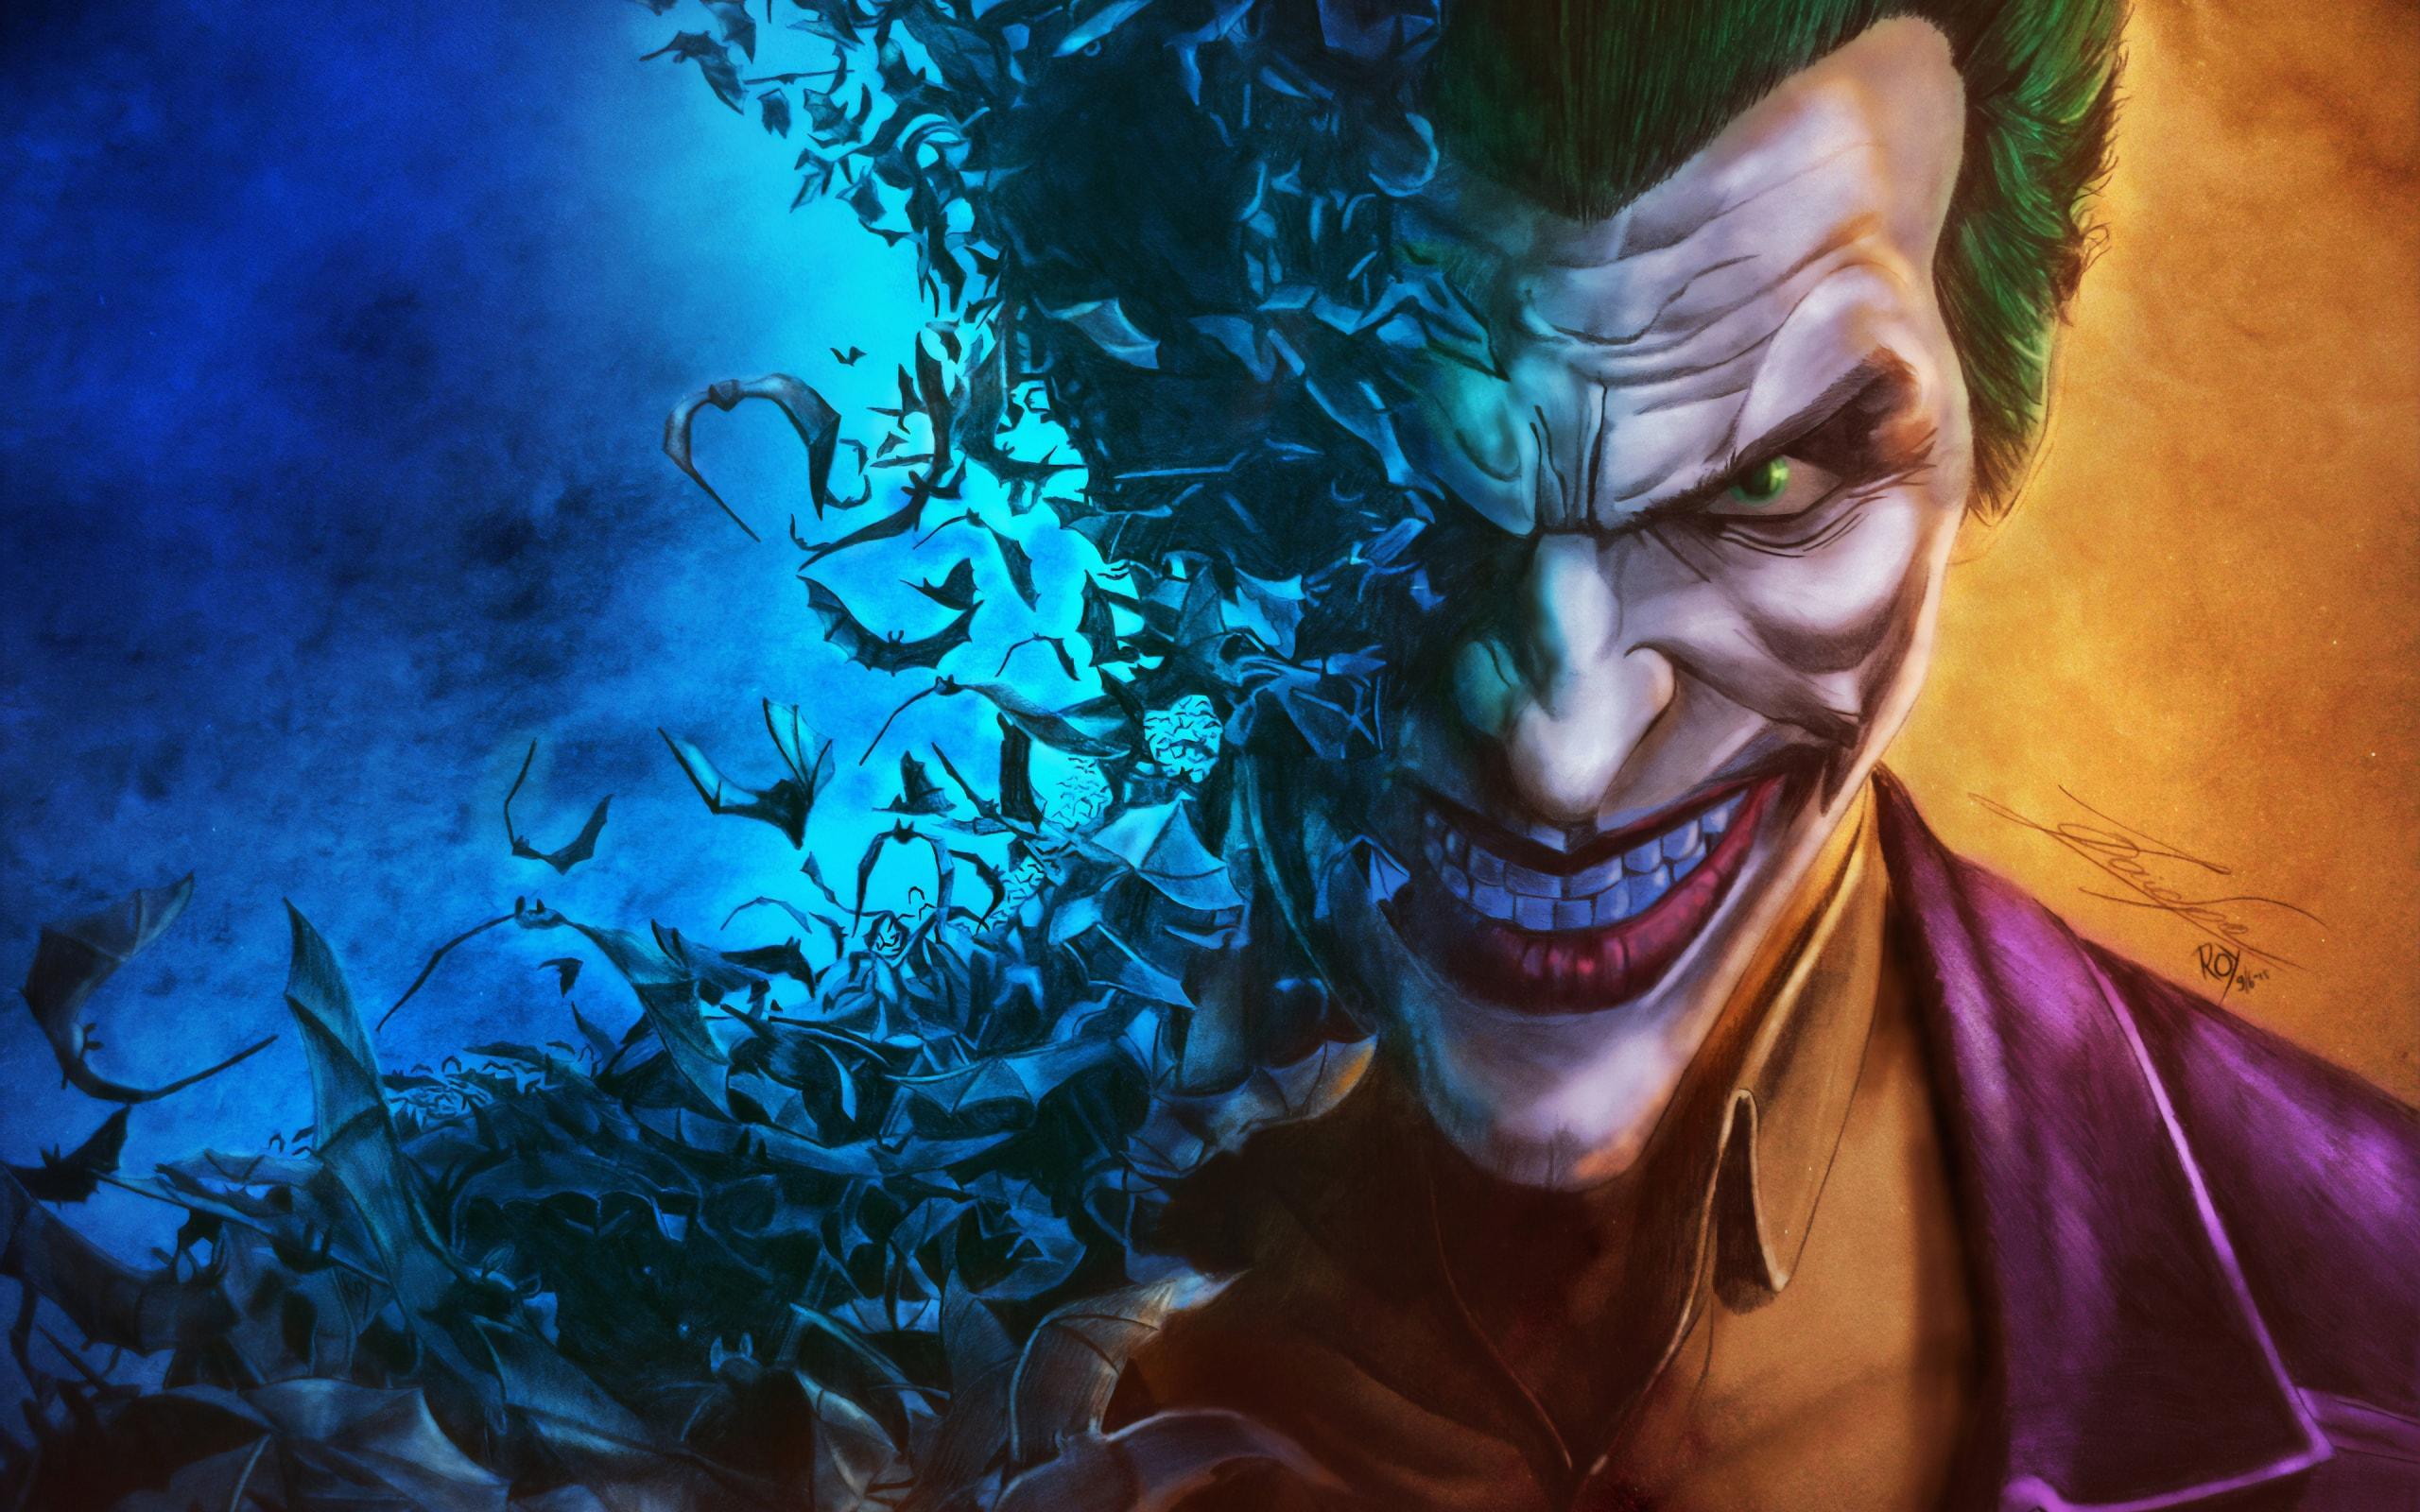 Wallpaper Art DC Comics Joker   uBackgroundcom 2560x1600